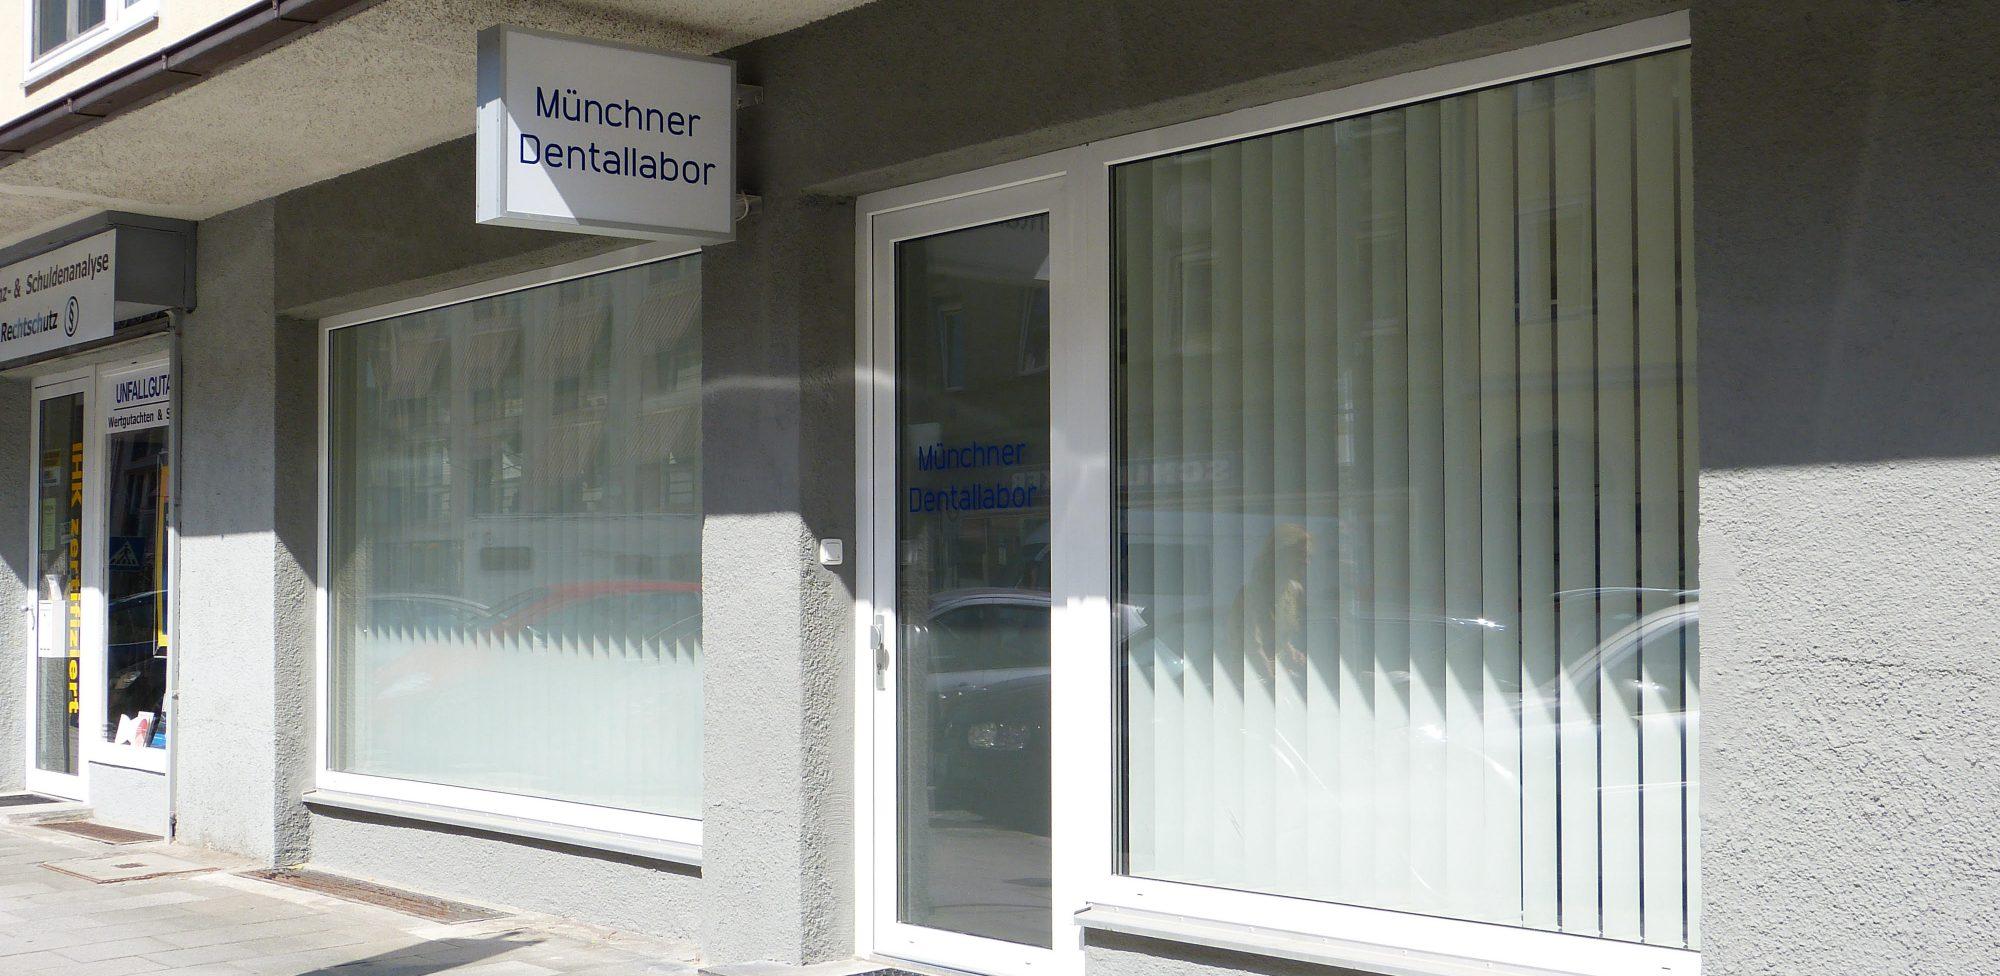 Münchner Dentallabor